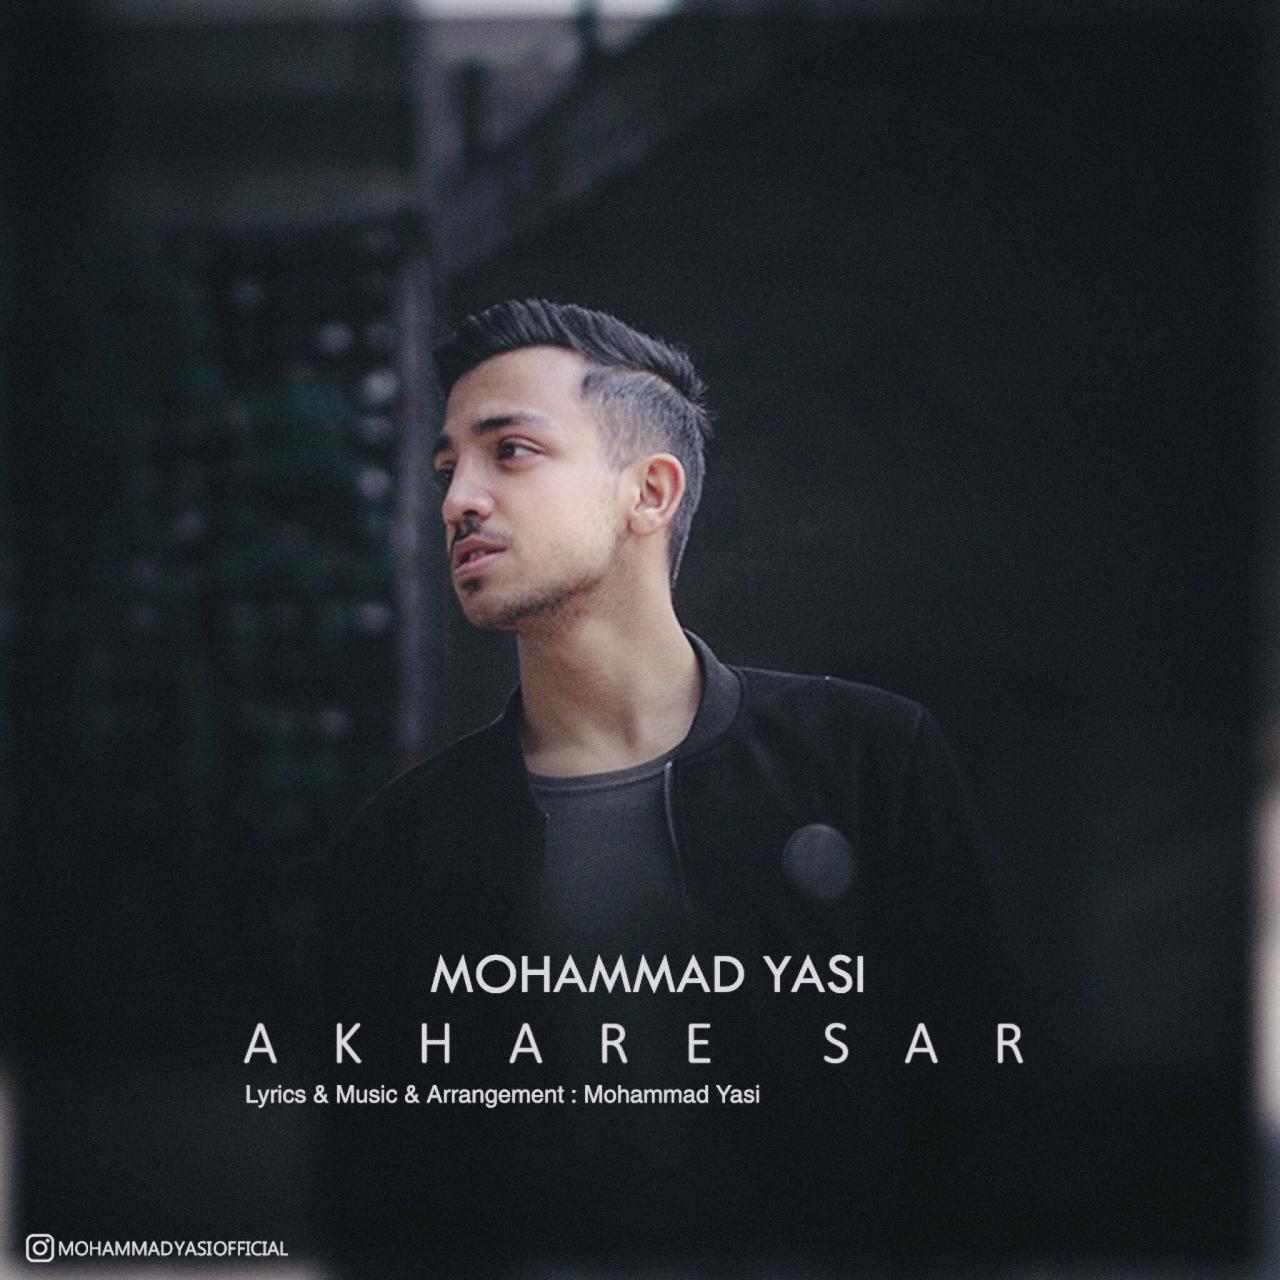 محمد یاسی به نام آخر سر